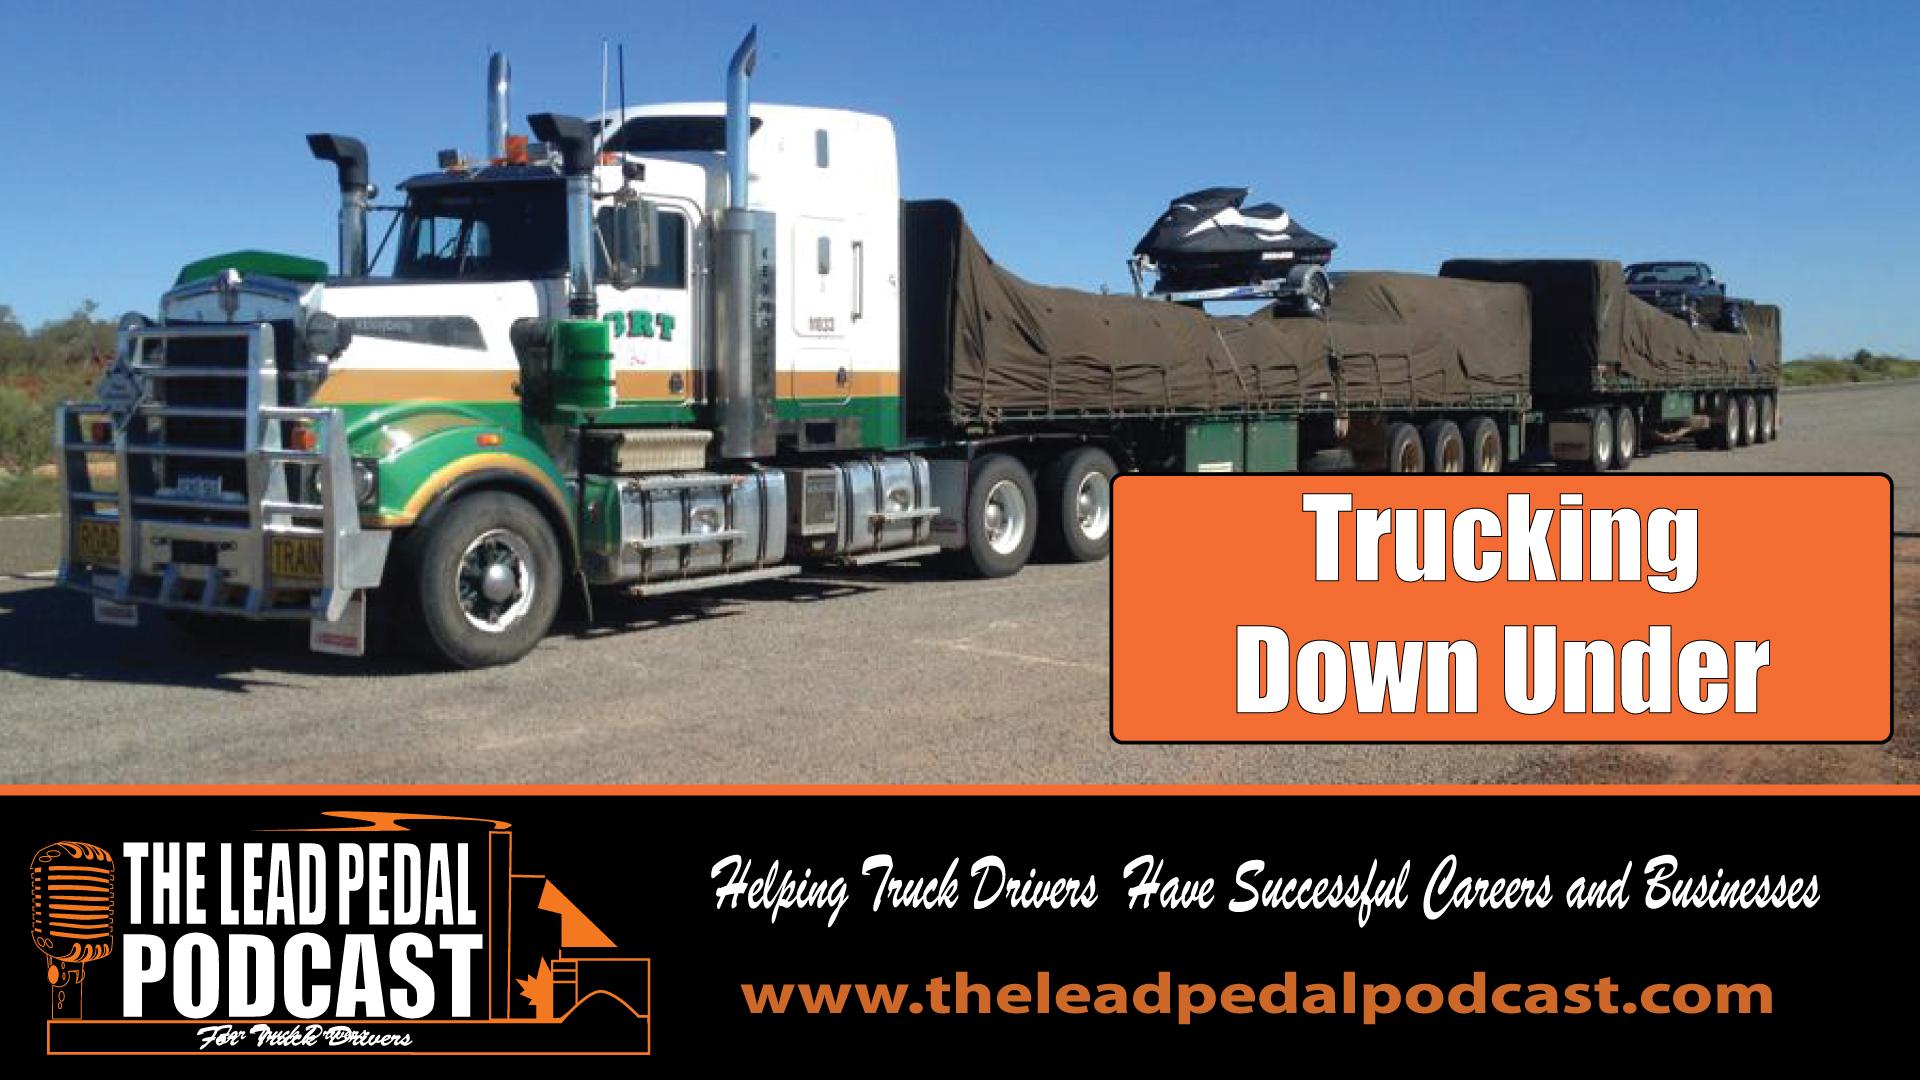 Trucking Down Under